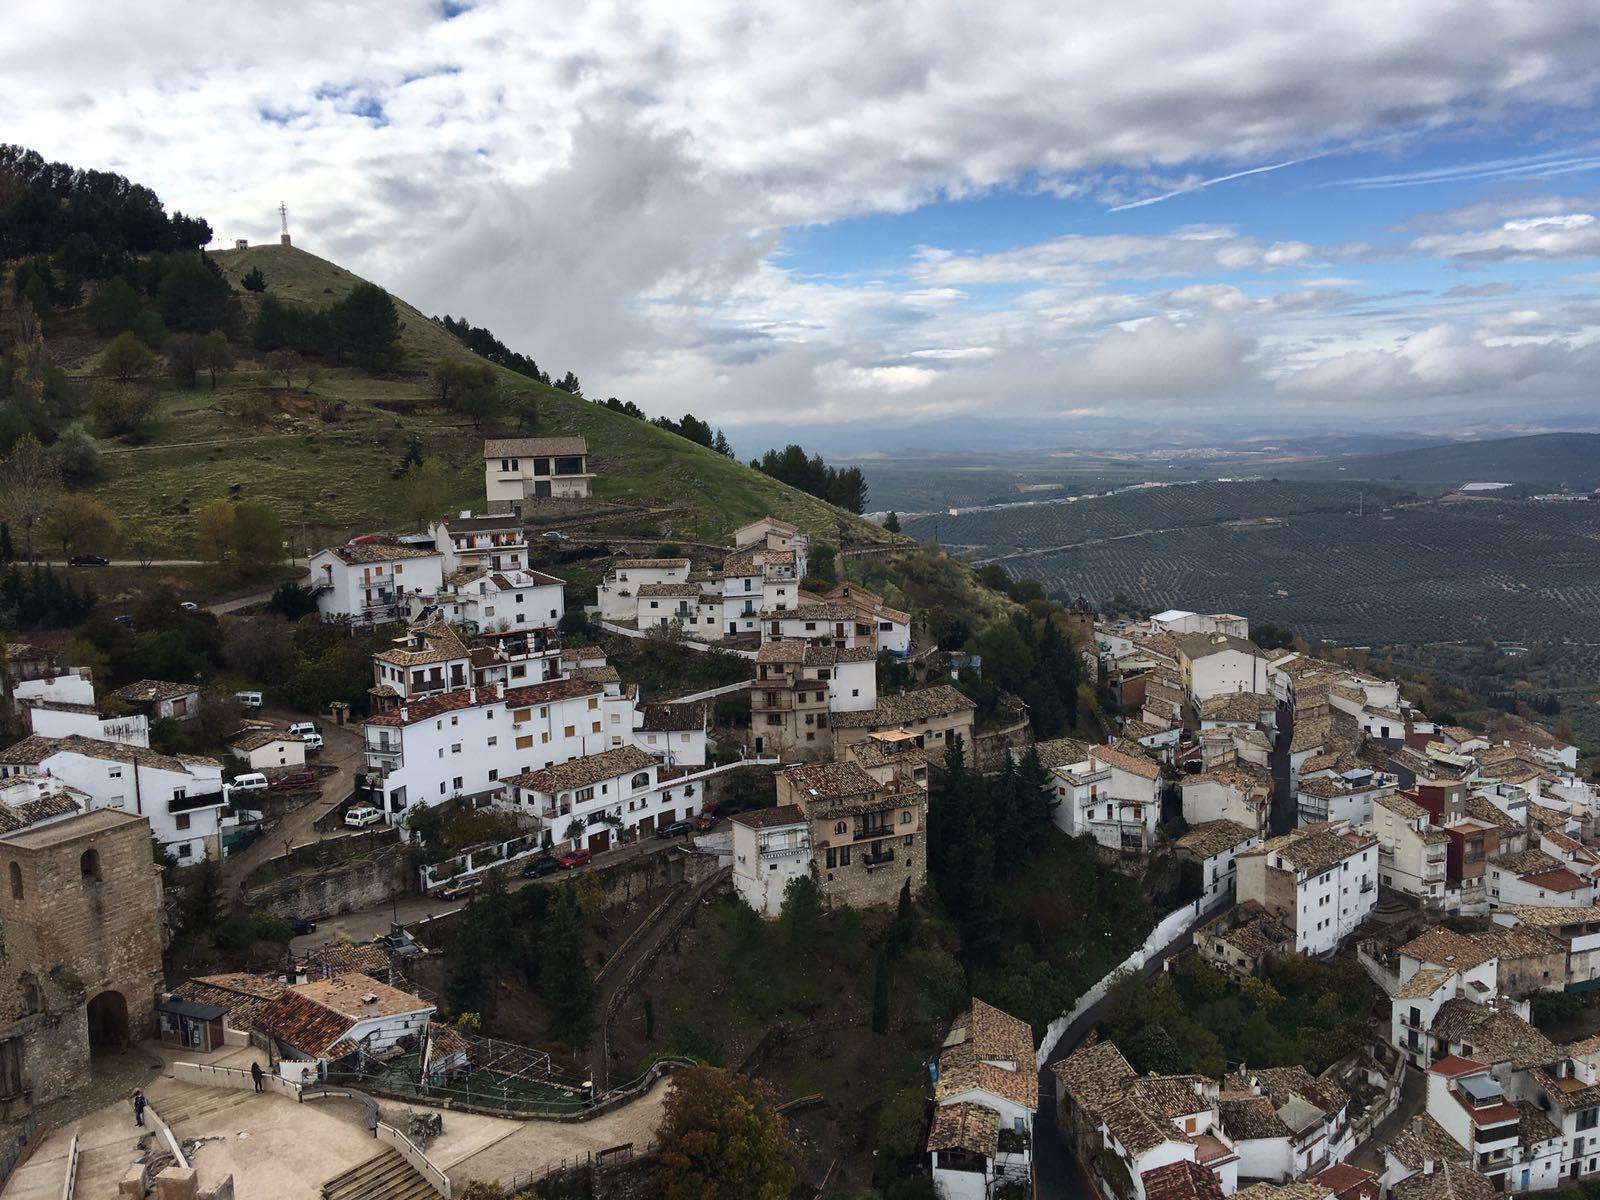 Encontramos La Iruela al nordeste de la comarca de la Sierra de Cazorla, en la provincia de Jaén.